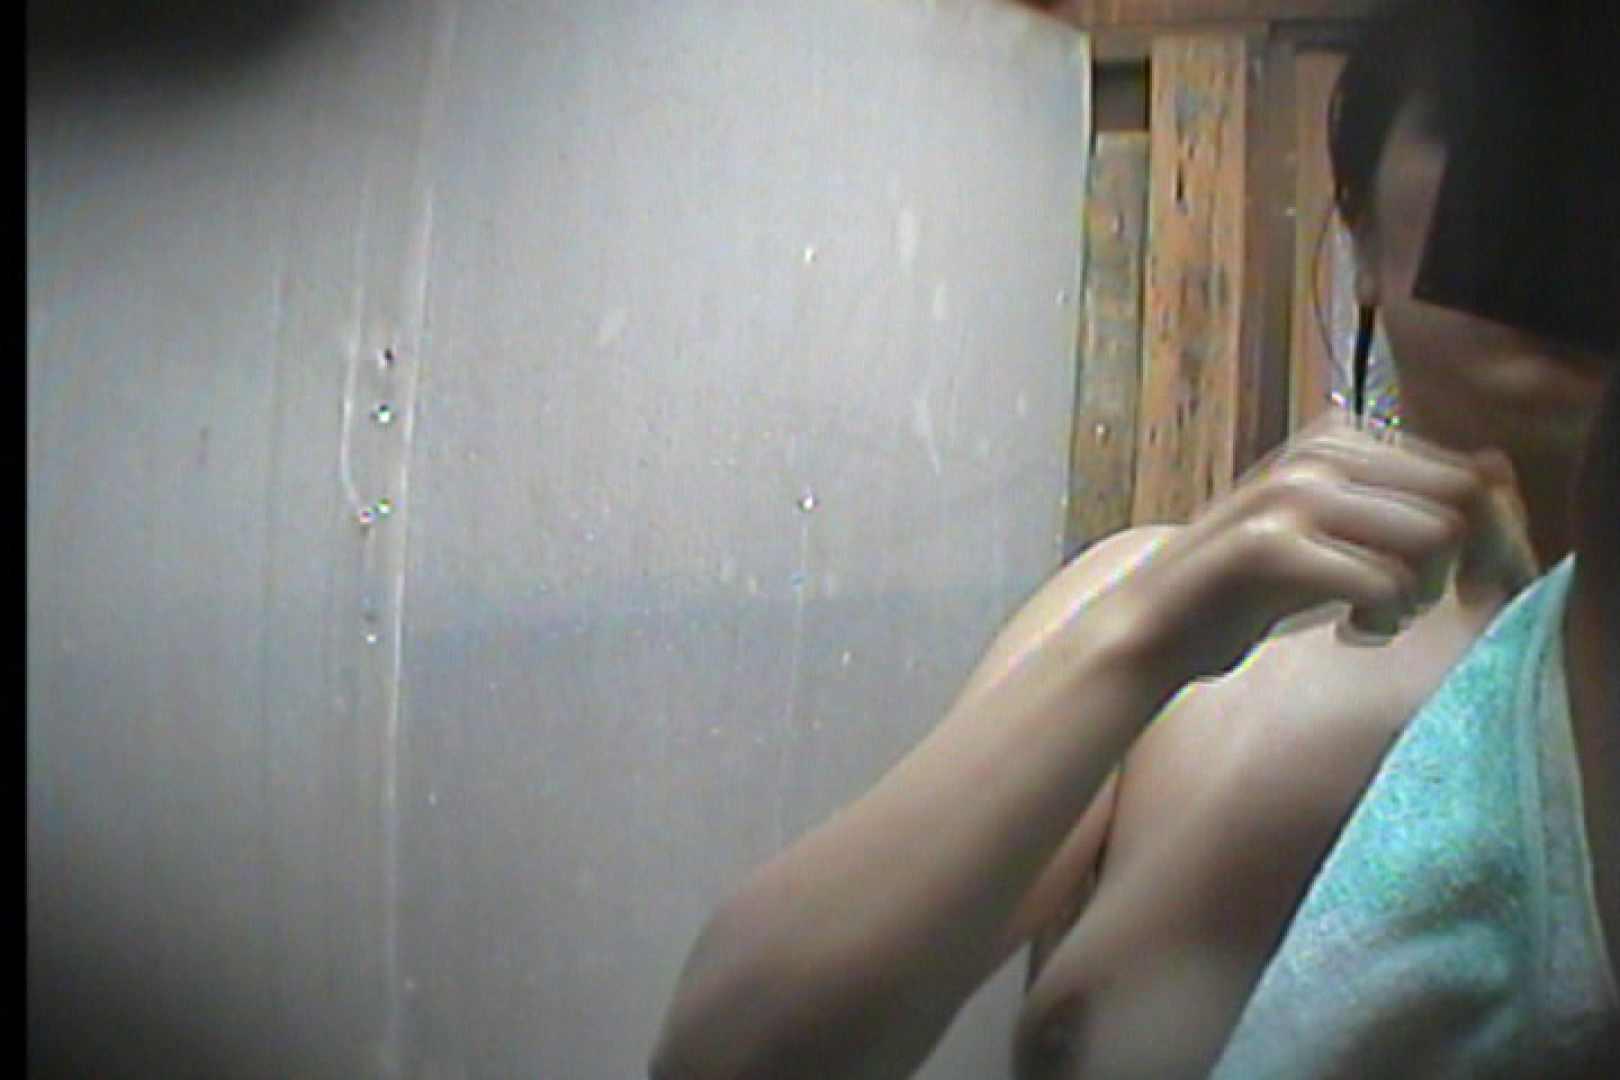 海の家の更衣室 Vol.19 日焼けした女たち おまんこ動画流出 56画像 31